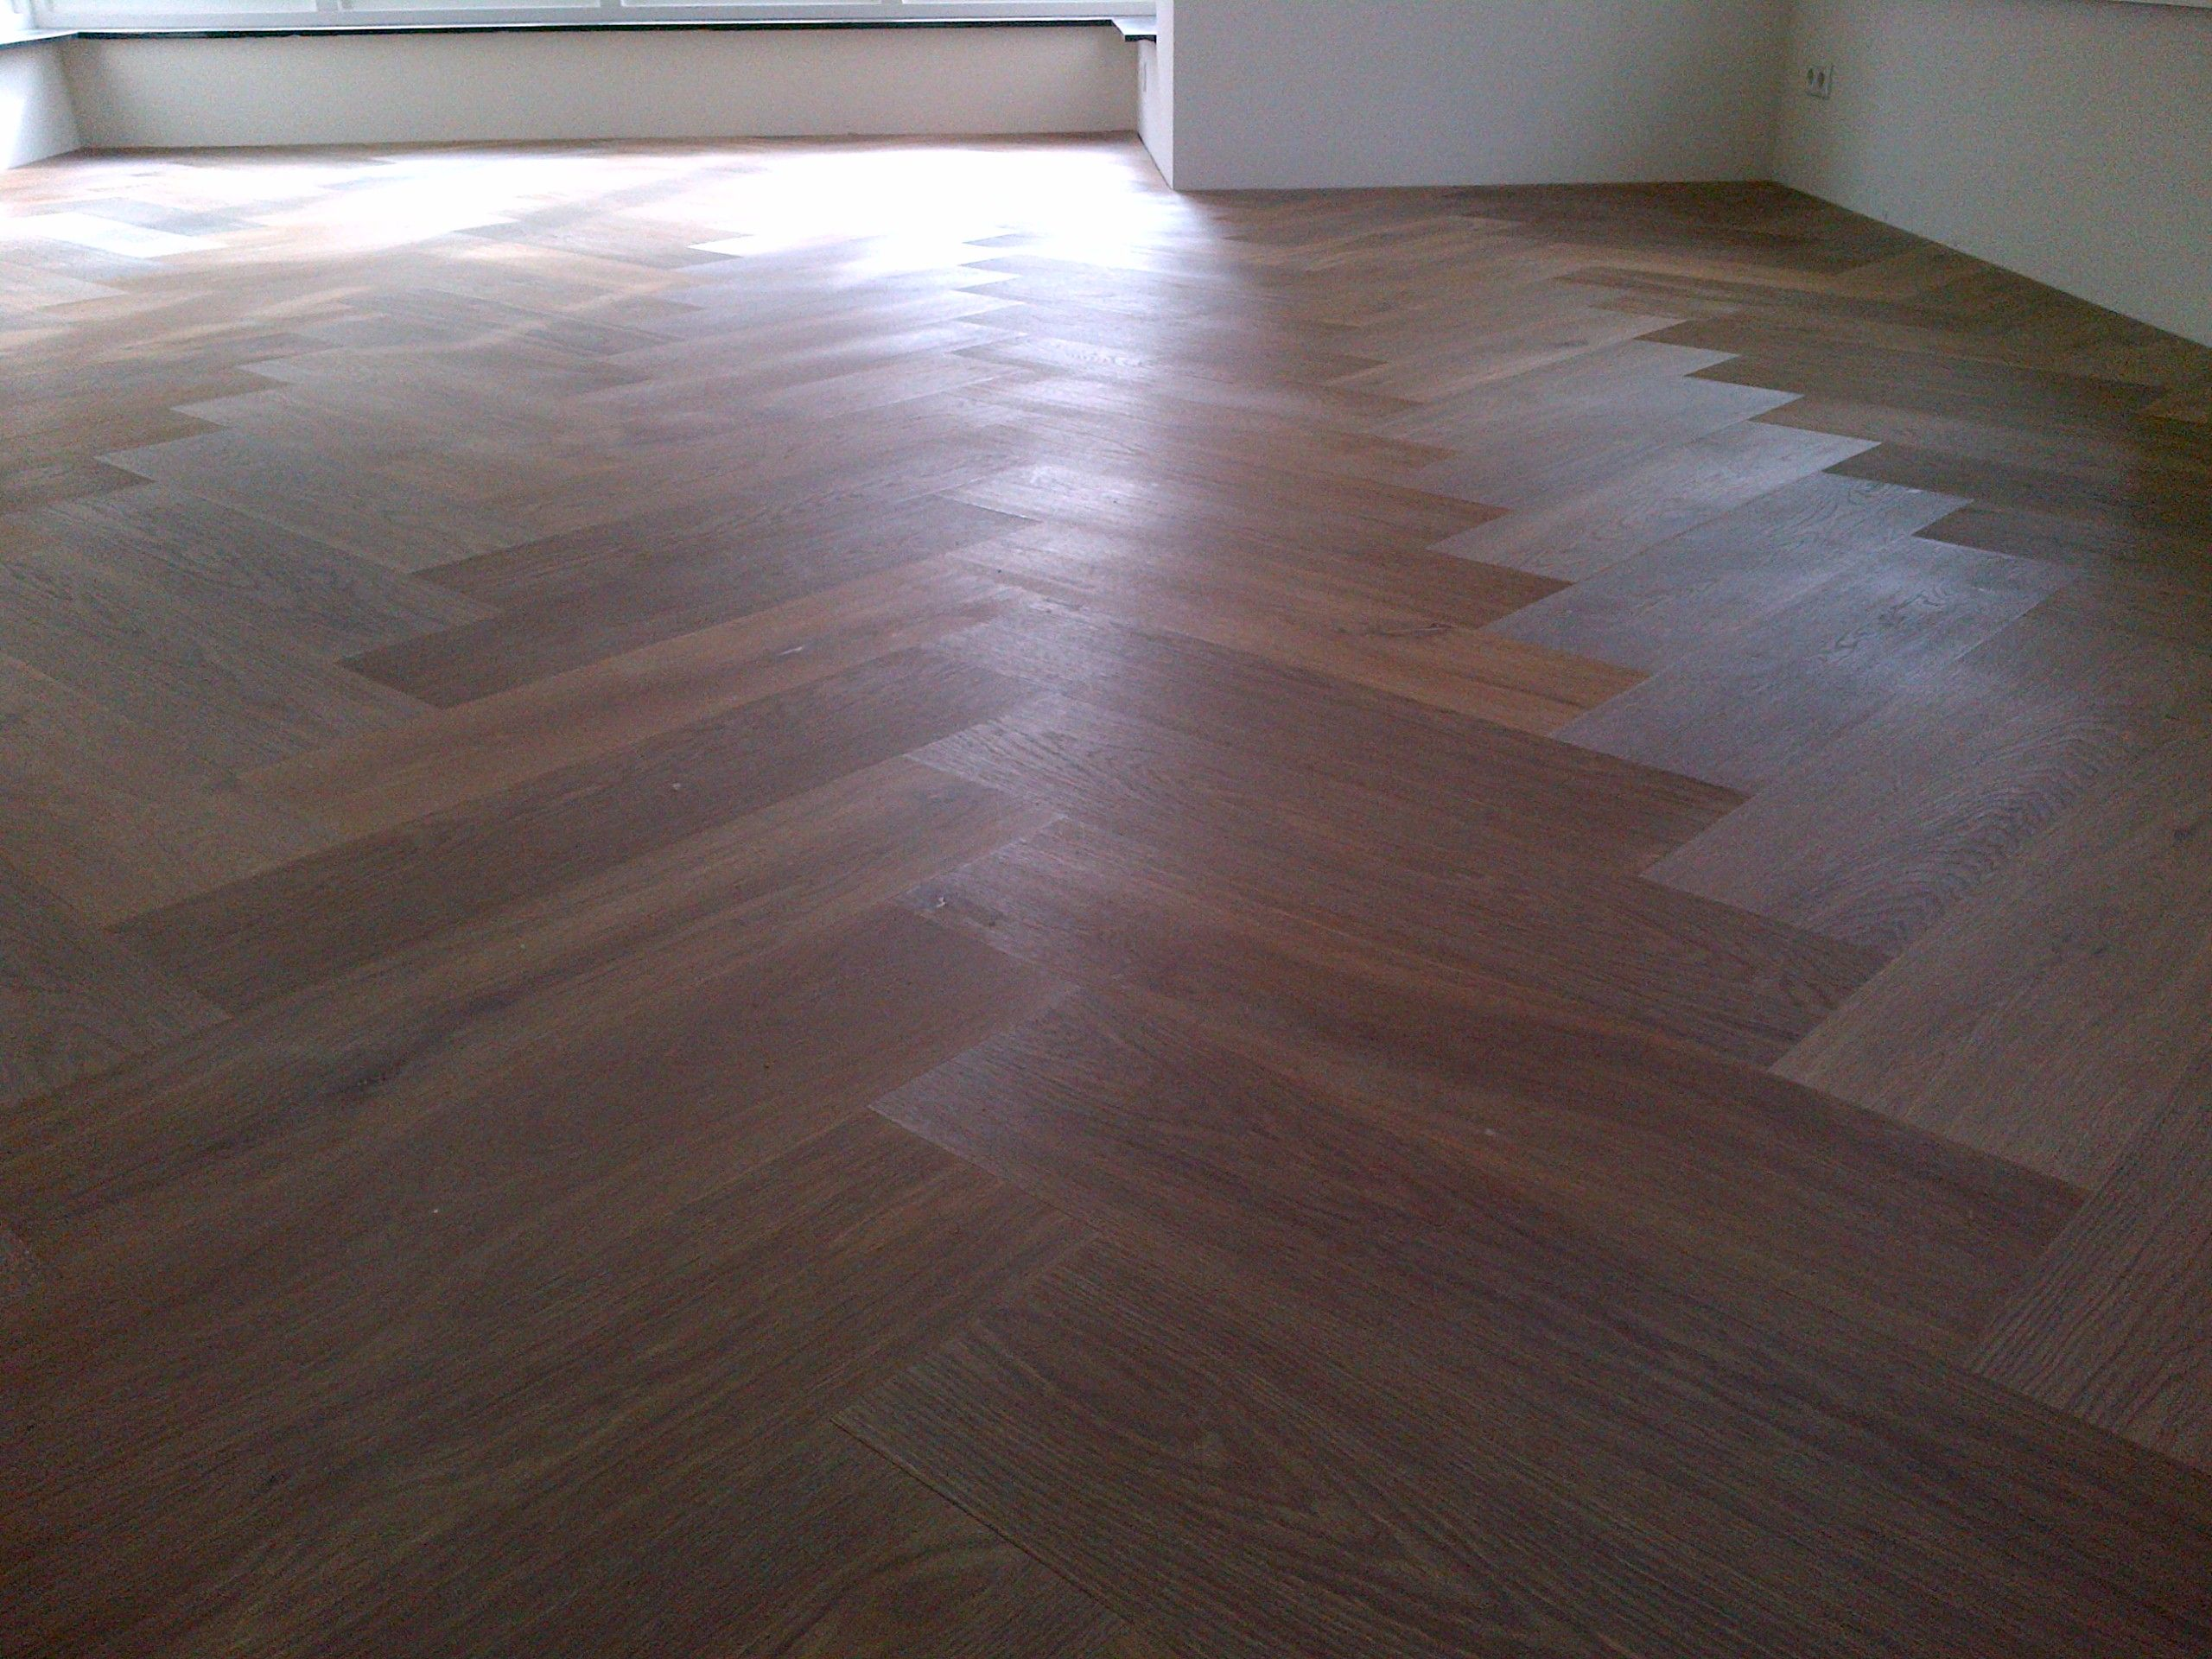 Houten Vloeren Zwolle : Parket laminaat nu parket houten vloeren laminaat pvc